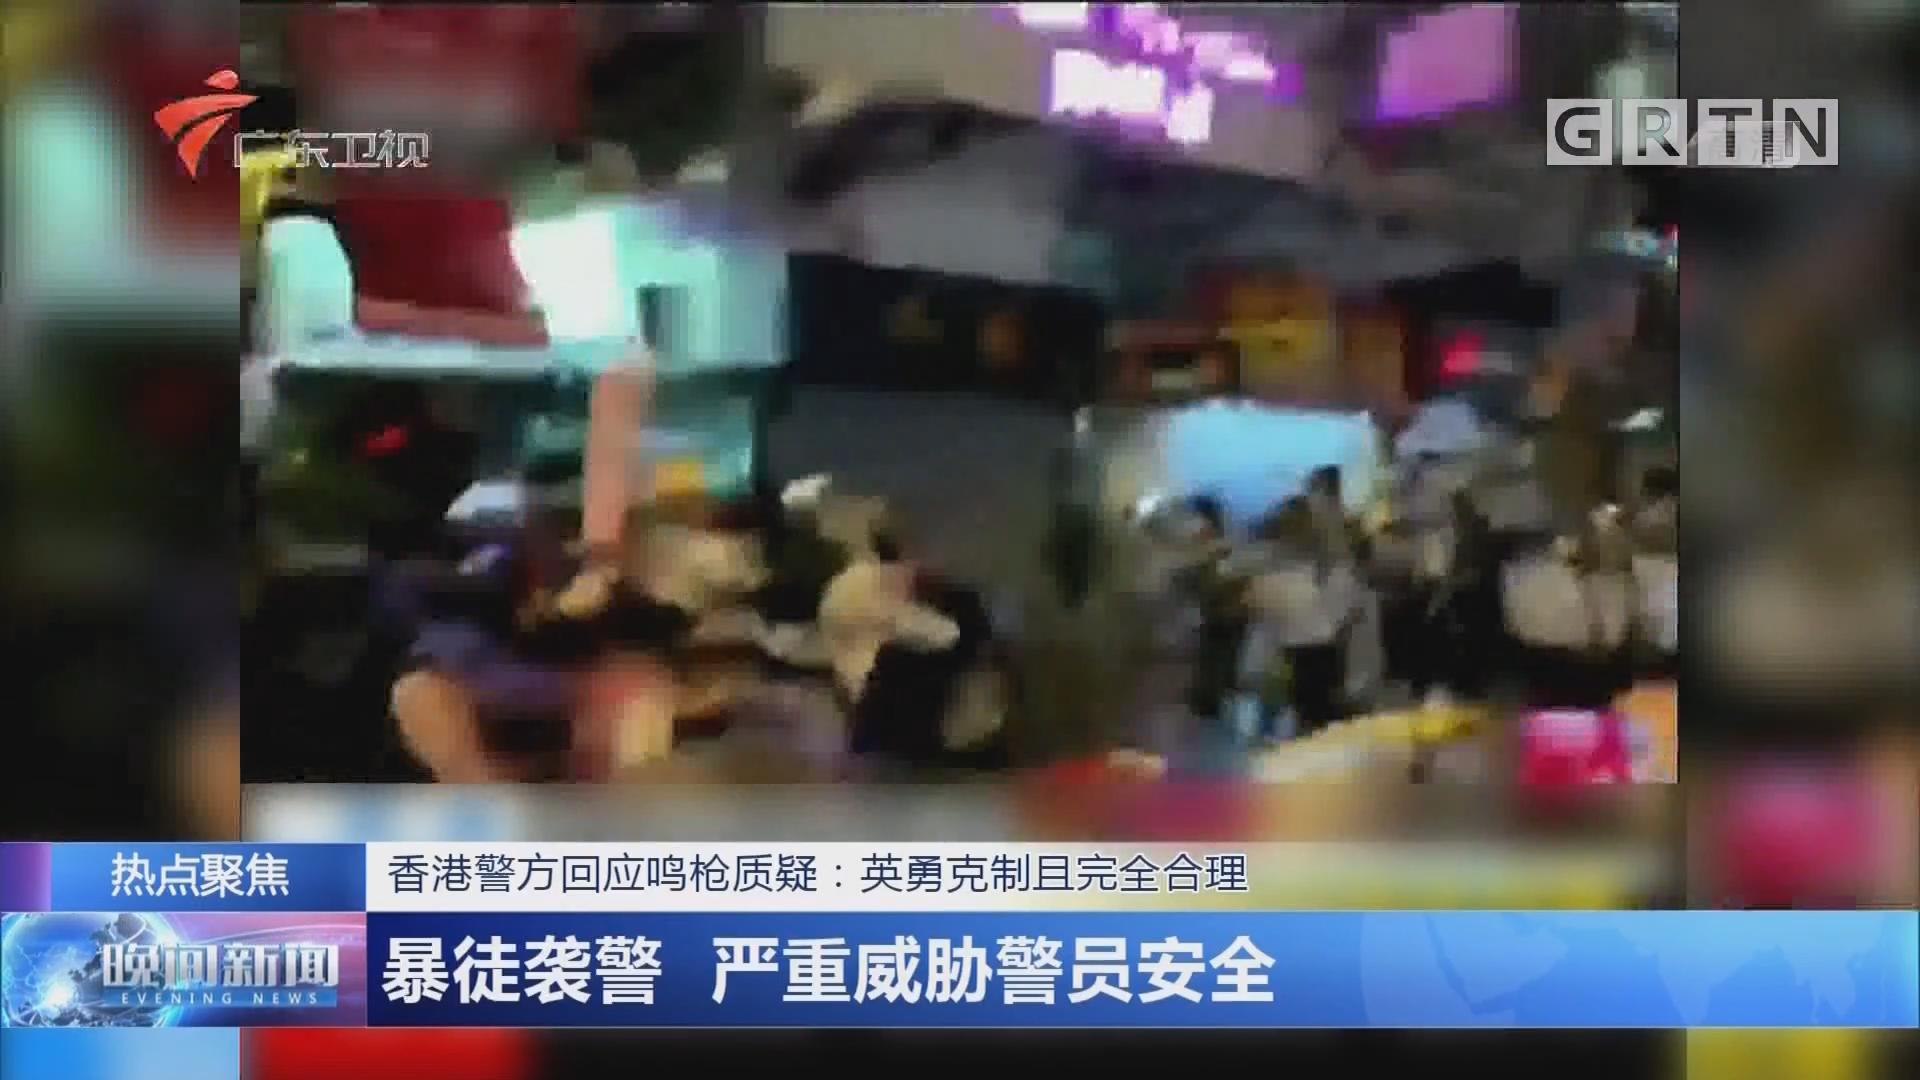 香港警方回应鸣枪质疑:英勇克制且完全合理 暴徒袭警 严重威胁警员安全